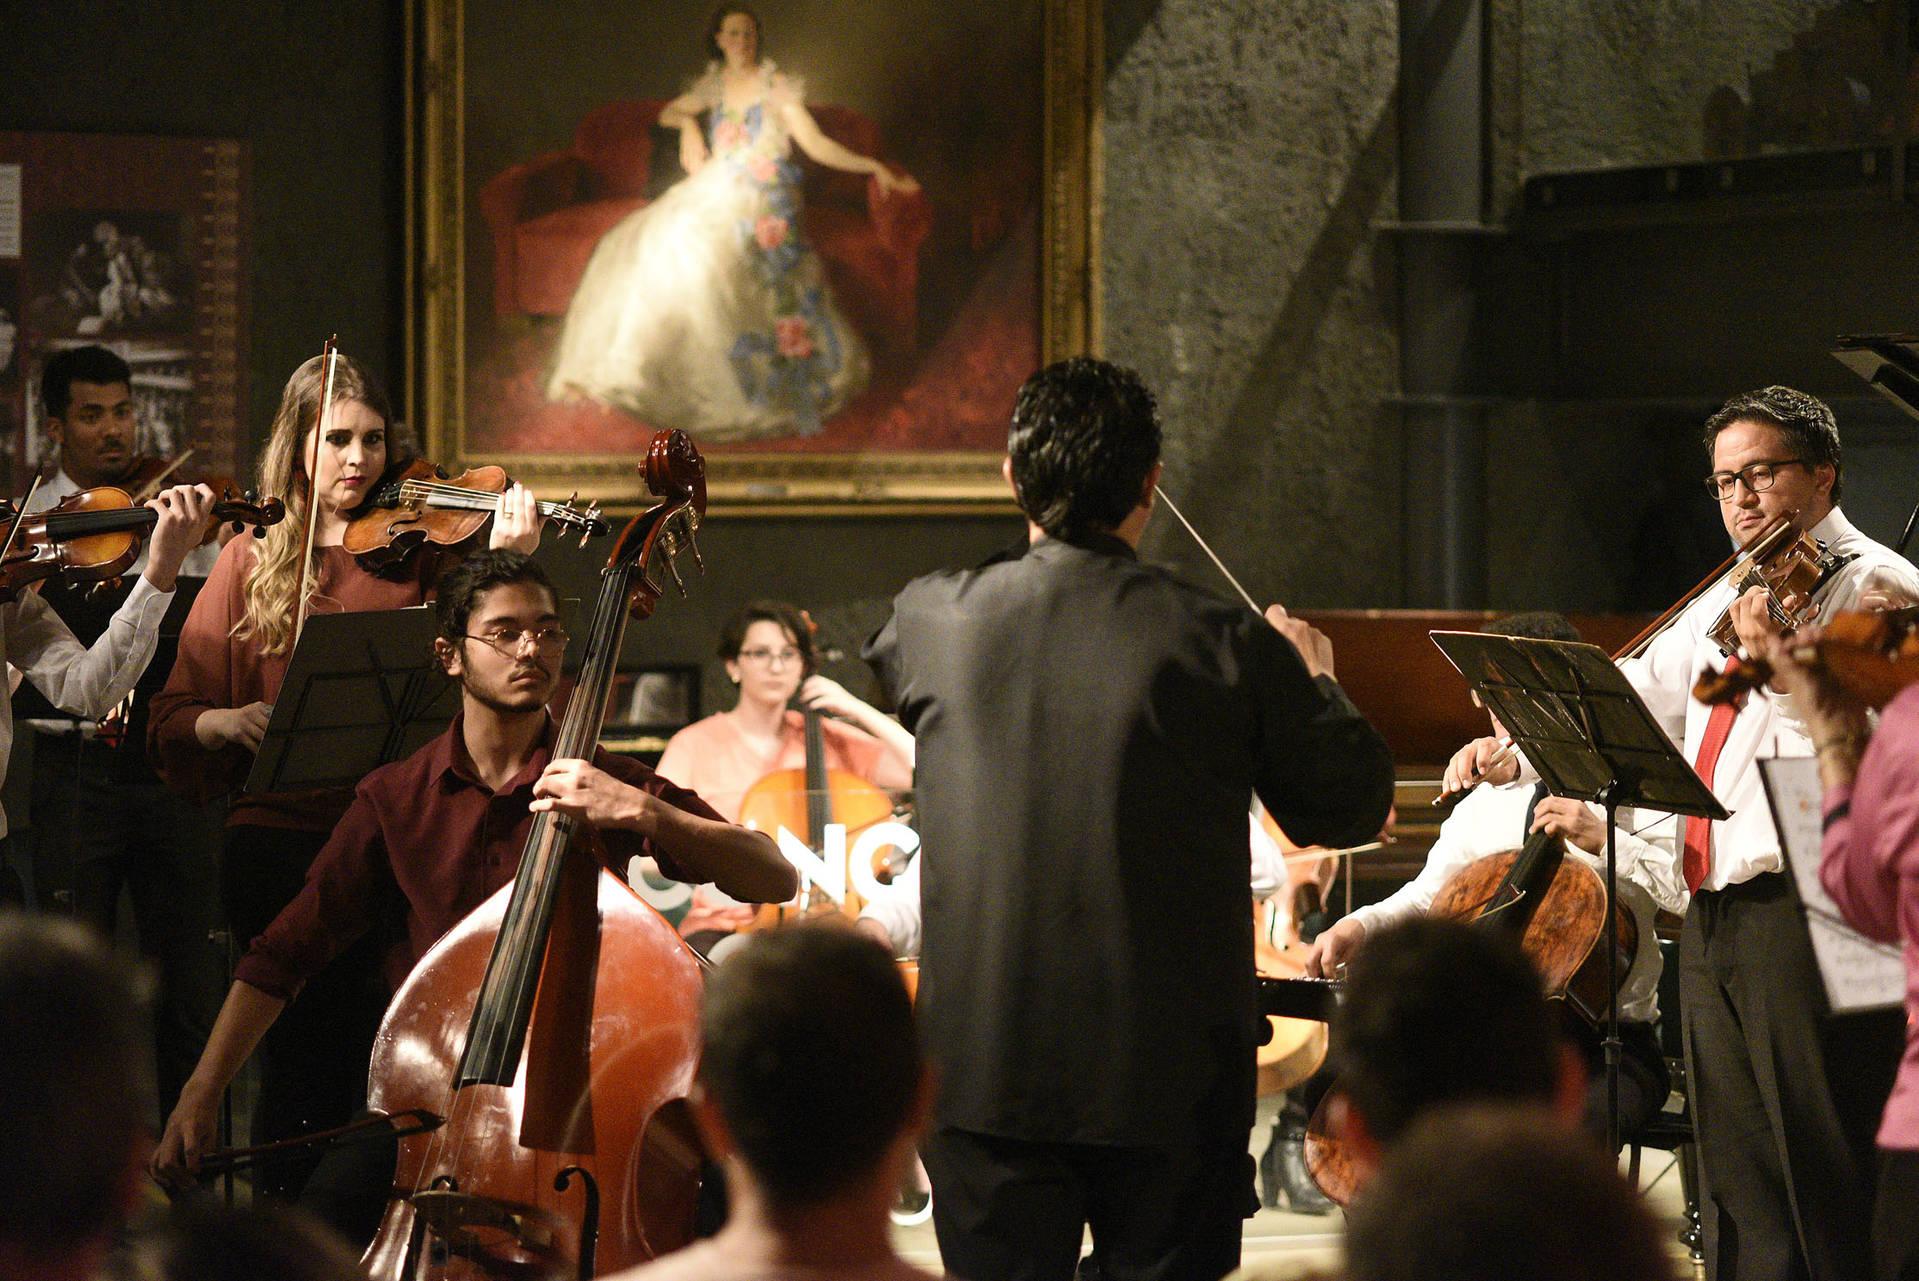 Apresentações são da Camerata da Universidade Tecnológica do Paraná, do Grupo PianoTec e da violinista Bettina Jucksch.